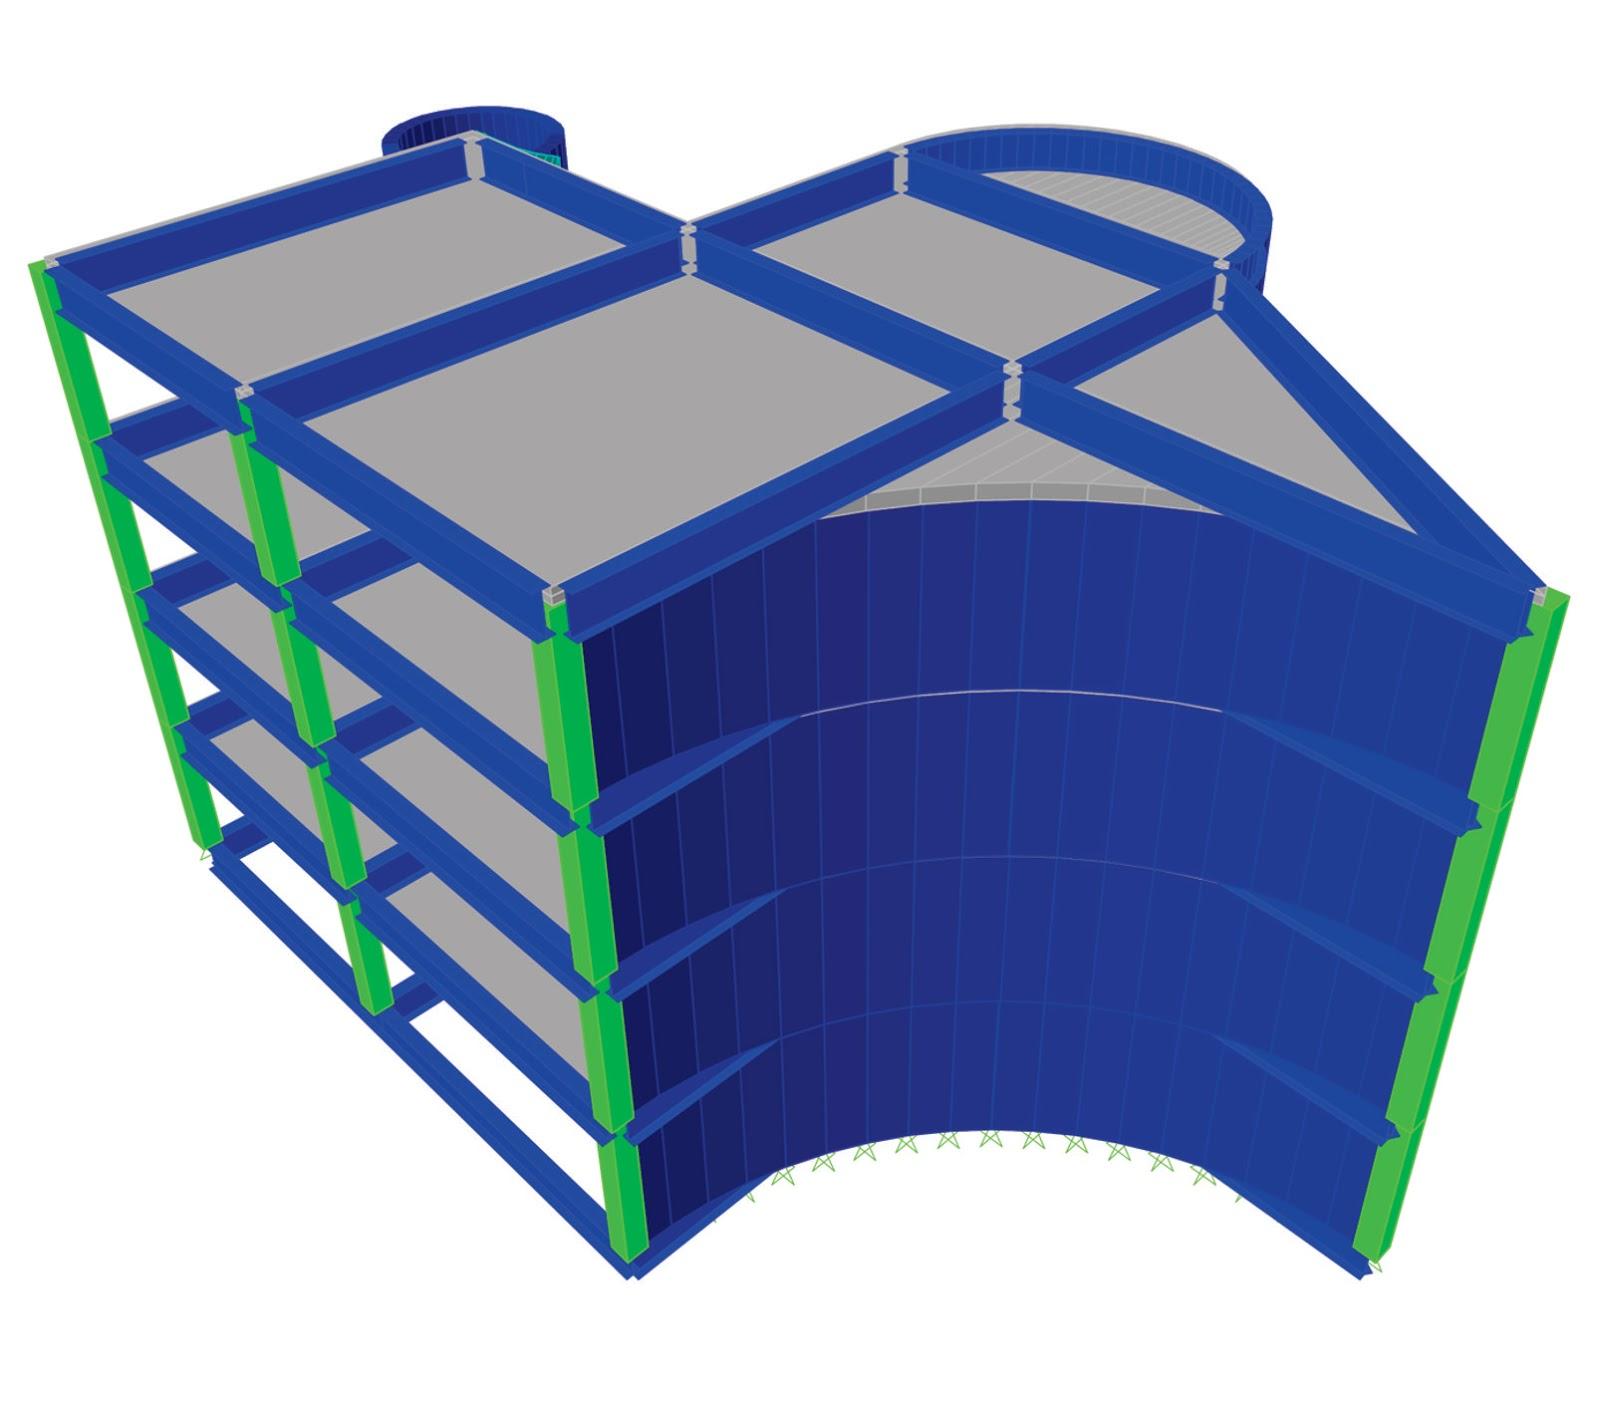 Dise o de estructuras dise o estructural c lculo for Piscinas diseno estructural